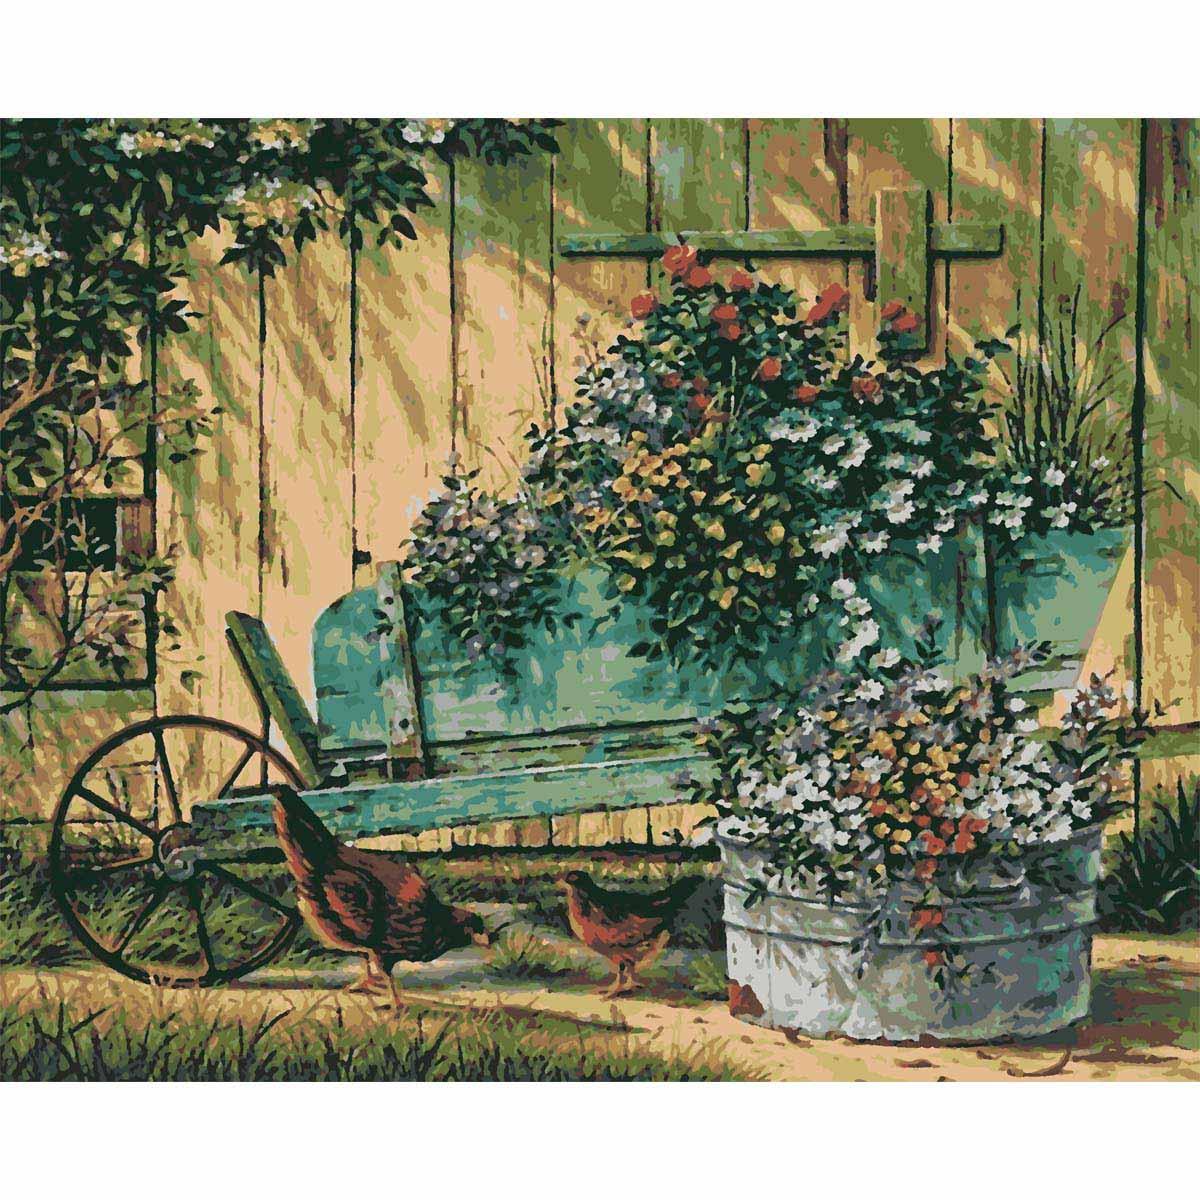 HS0170 Набор для рисования по номерам 'Цветы' 40*50см